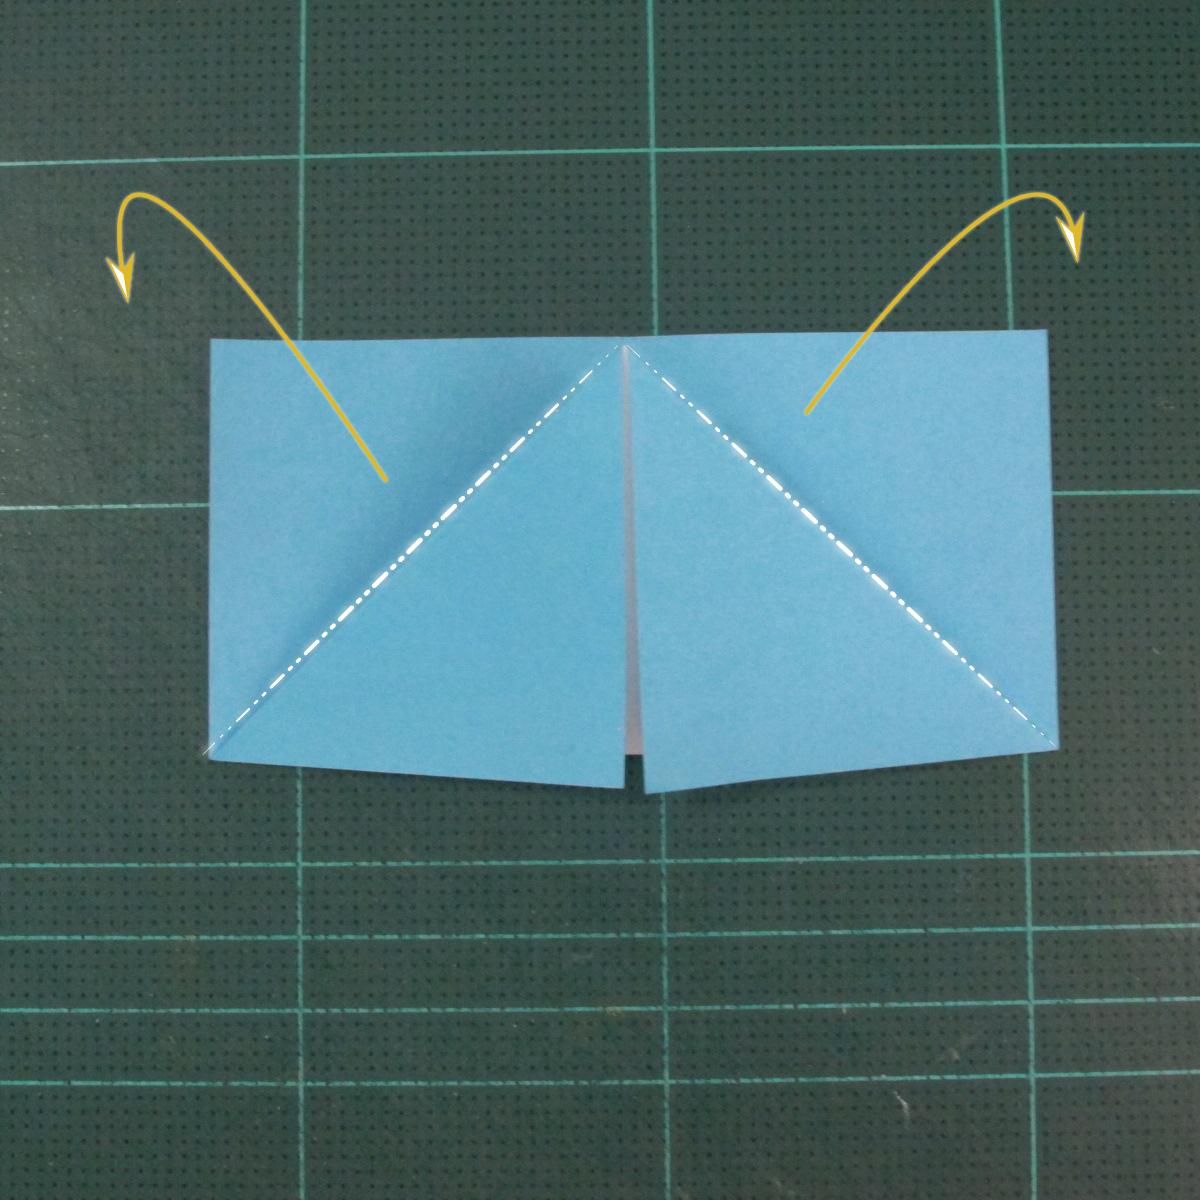 วิธีพับกระดาษเป็นถาดใส่ขนมรูปดาวแปดแฉก (Origami Eight Point Star Candy Tray) 004